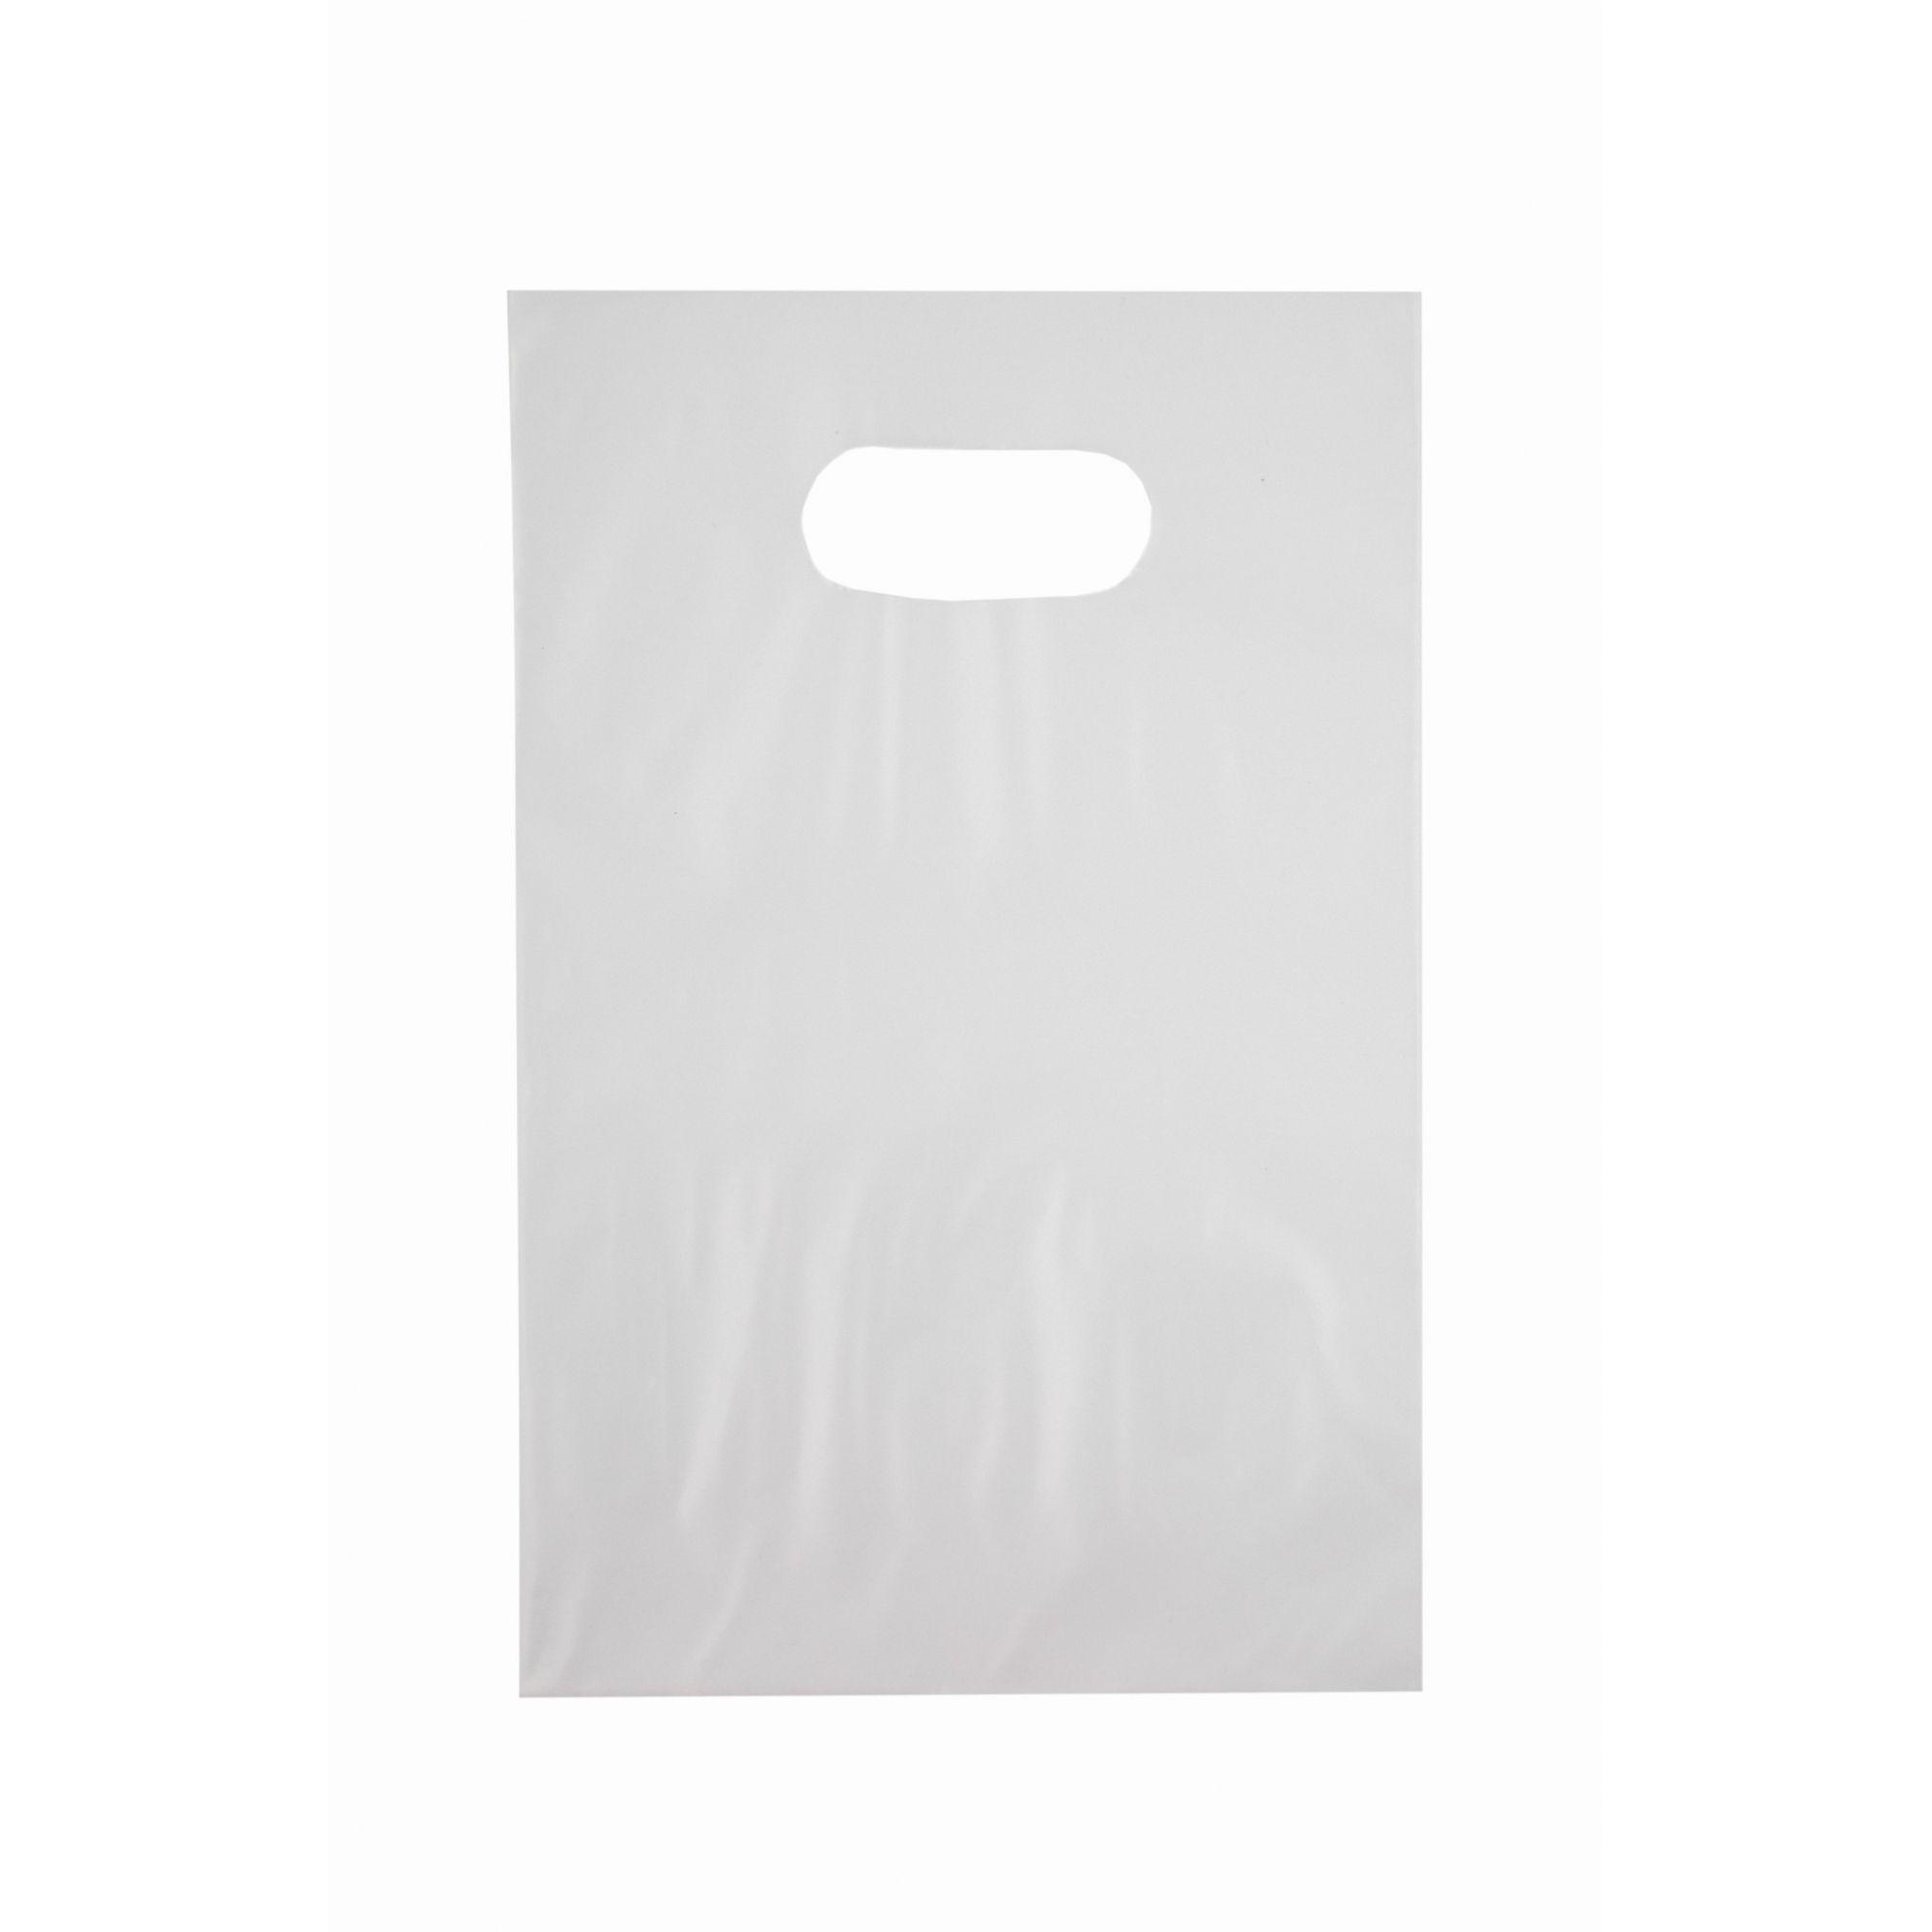 Sacola Plástica 20x30 Transparente - Alça Boca de Palhaço